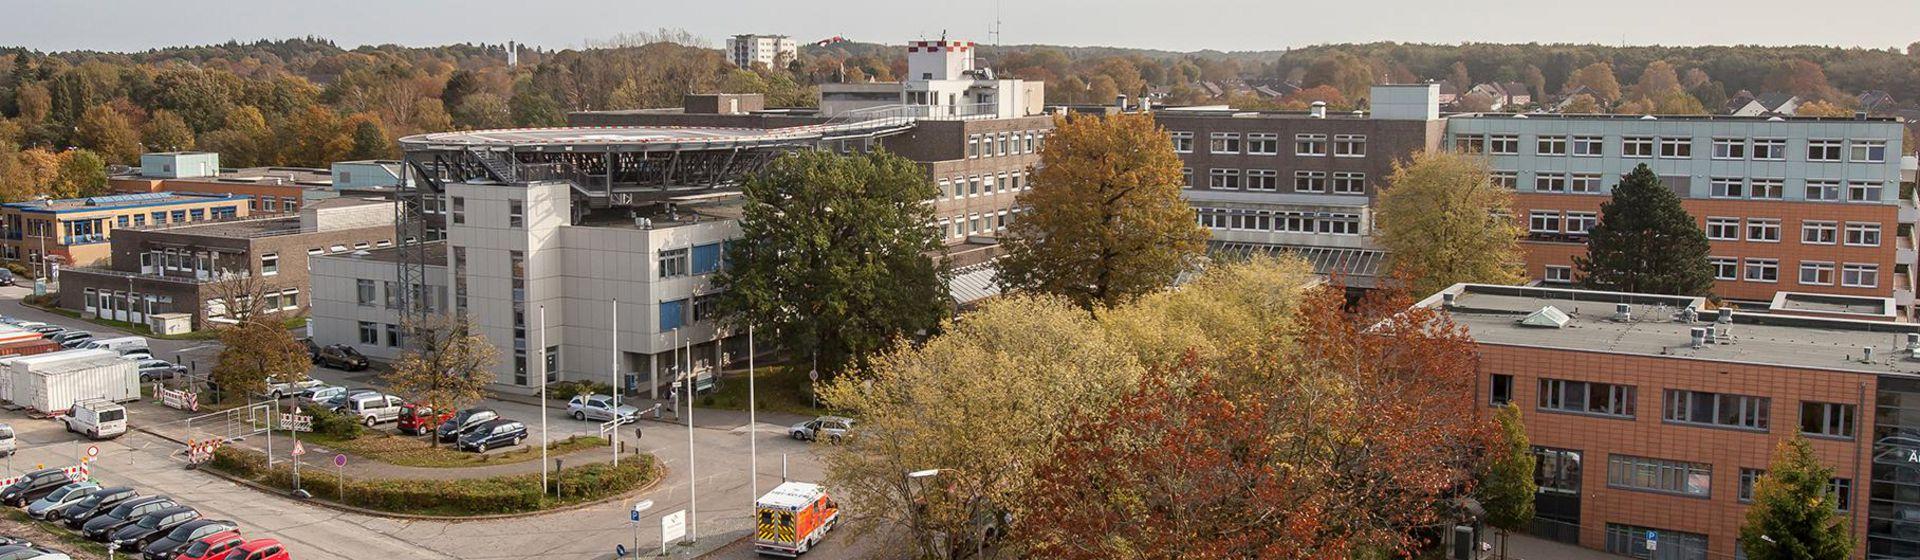 Klinik Itzehoe